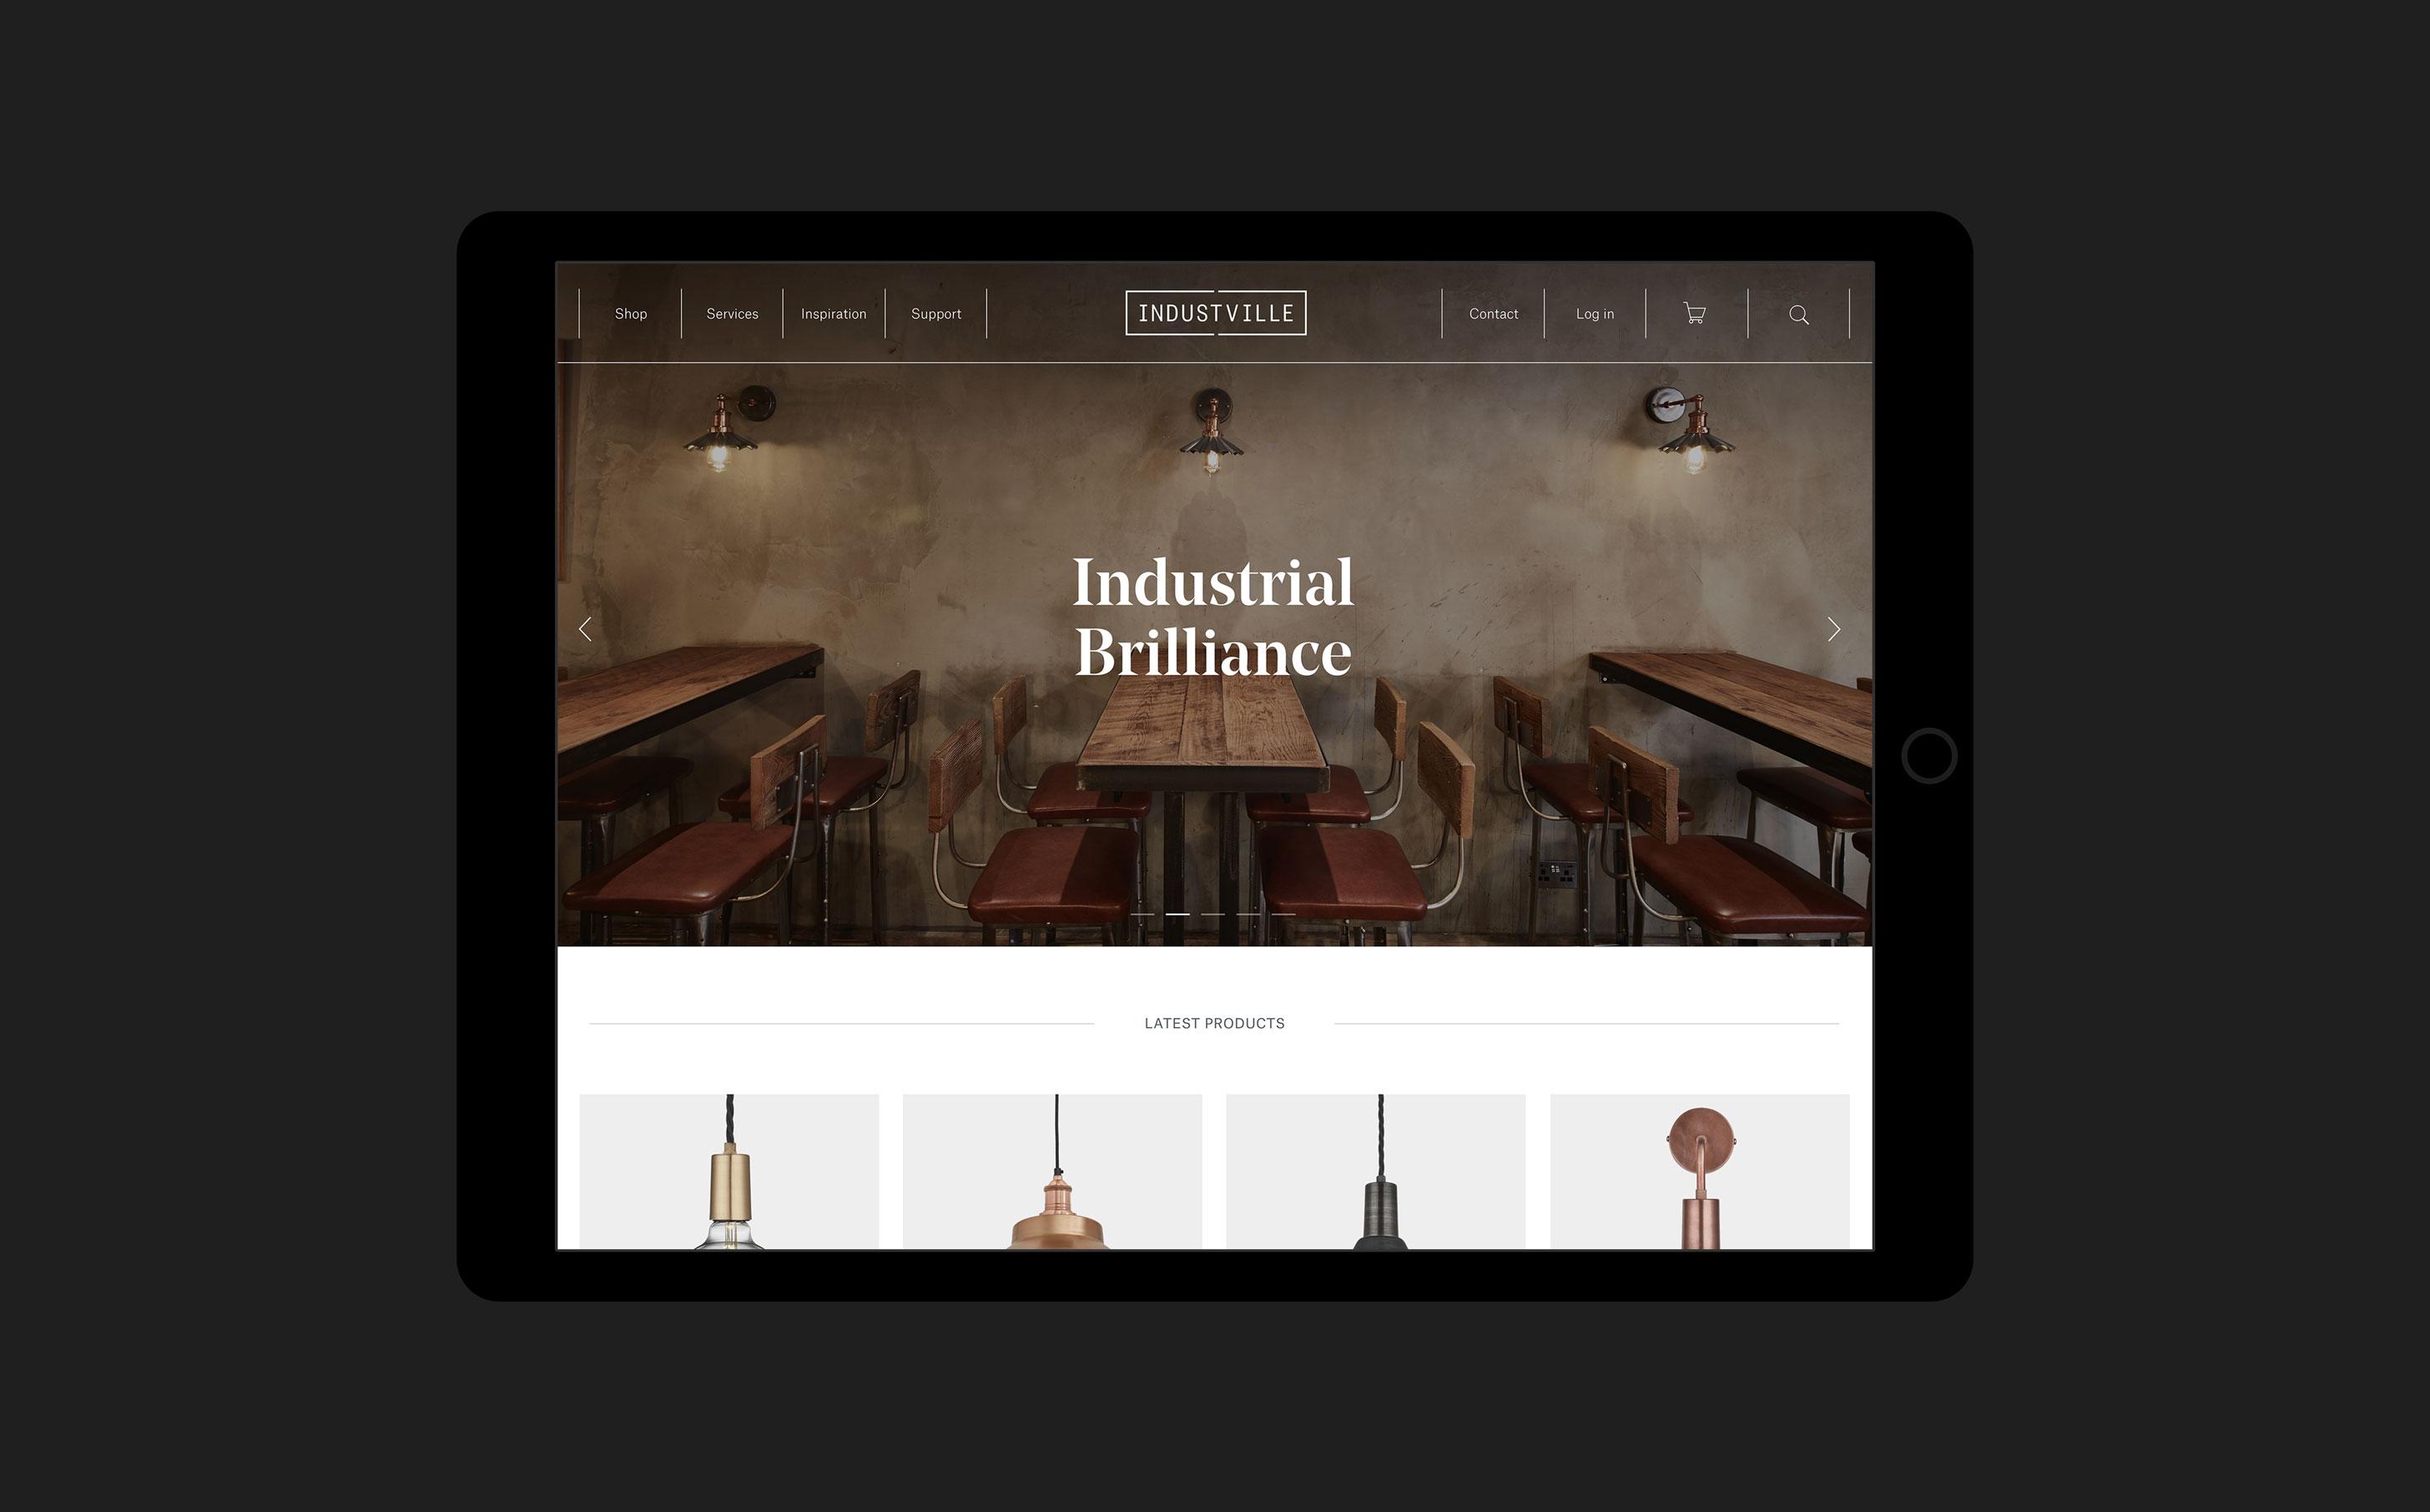 industville-tablet-homepage-design